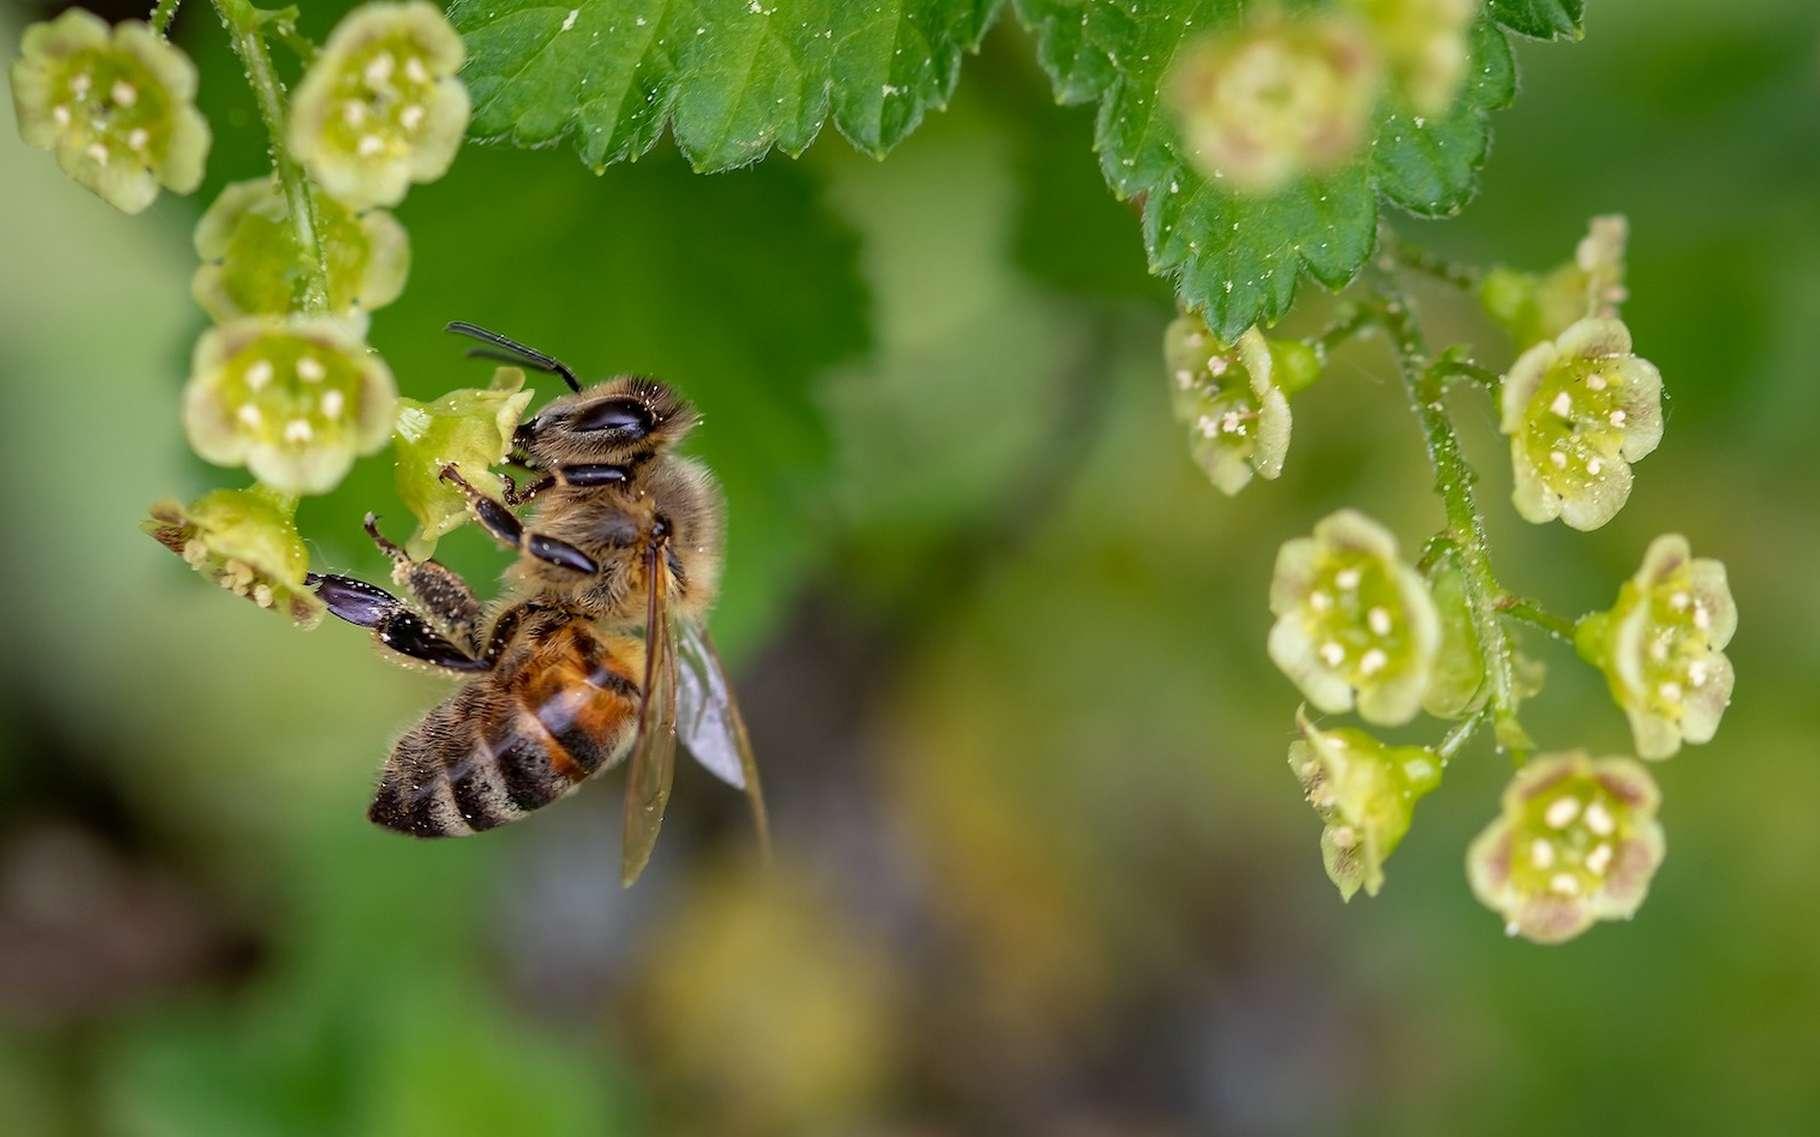 Les abeilles ne cesseront décidément jamais de nous surprendre. D'après des chercheurs, elles sont même capables d'associer symboles et nombres. © Myriams-Fotos, Pixabay License